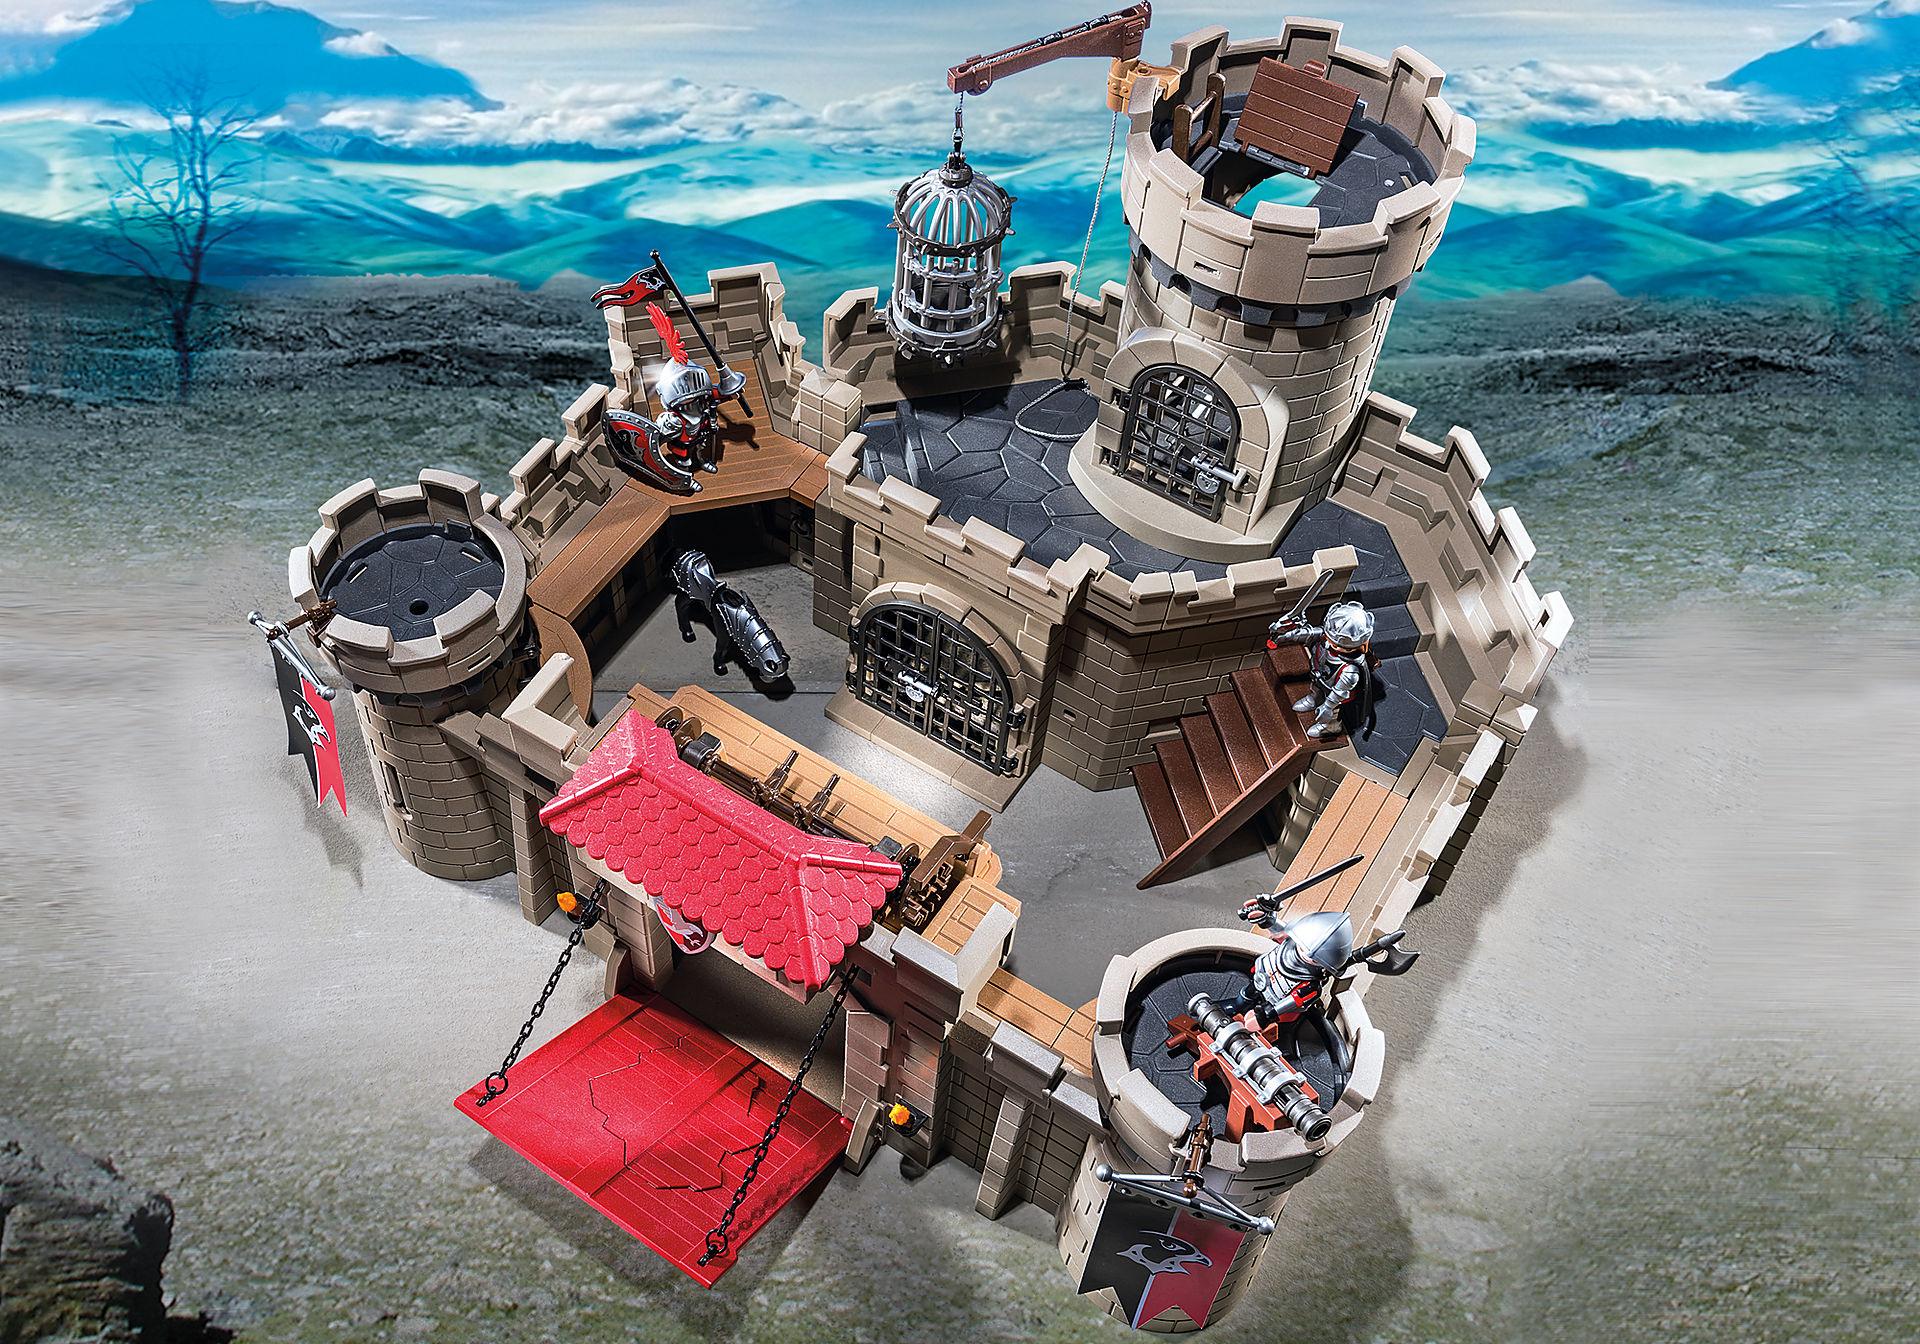 http://media.playmobil.com/i/playmobil/6001_product_extra1/Castelo dos Cavaleiros do Falcão